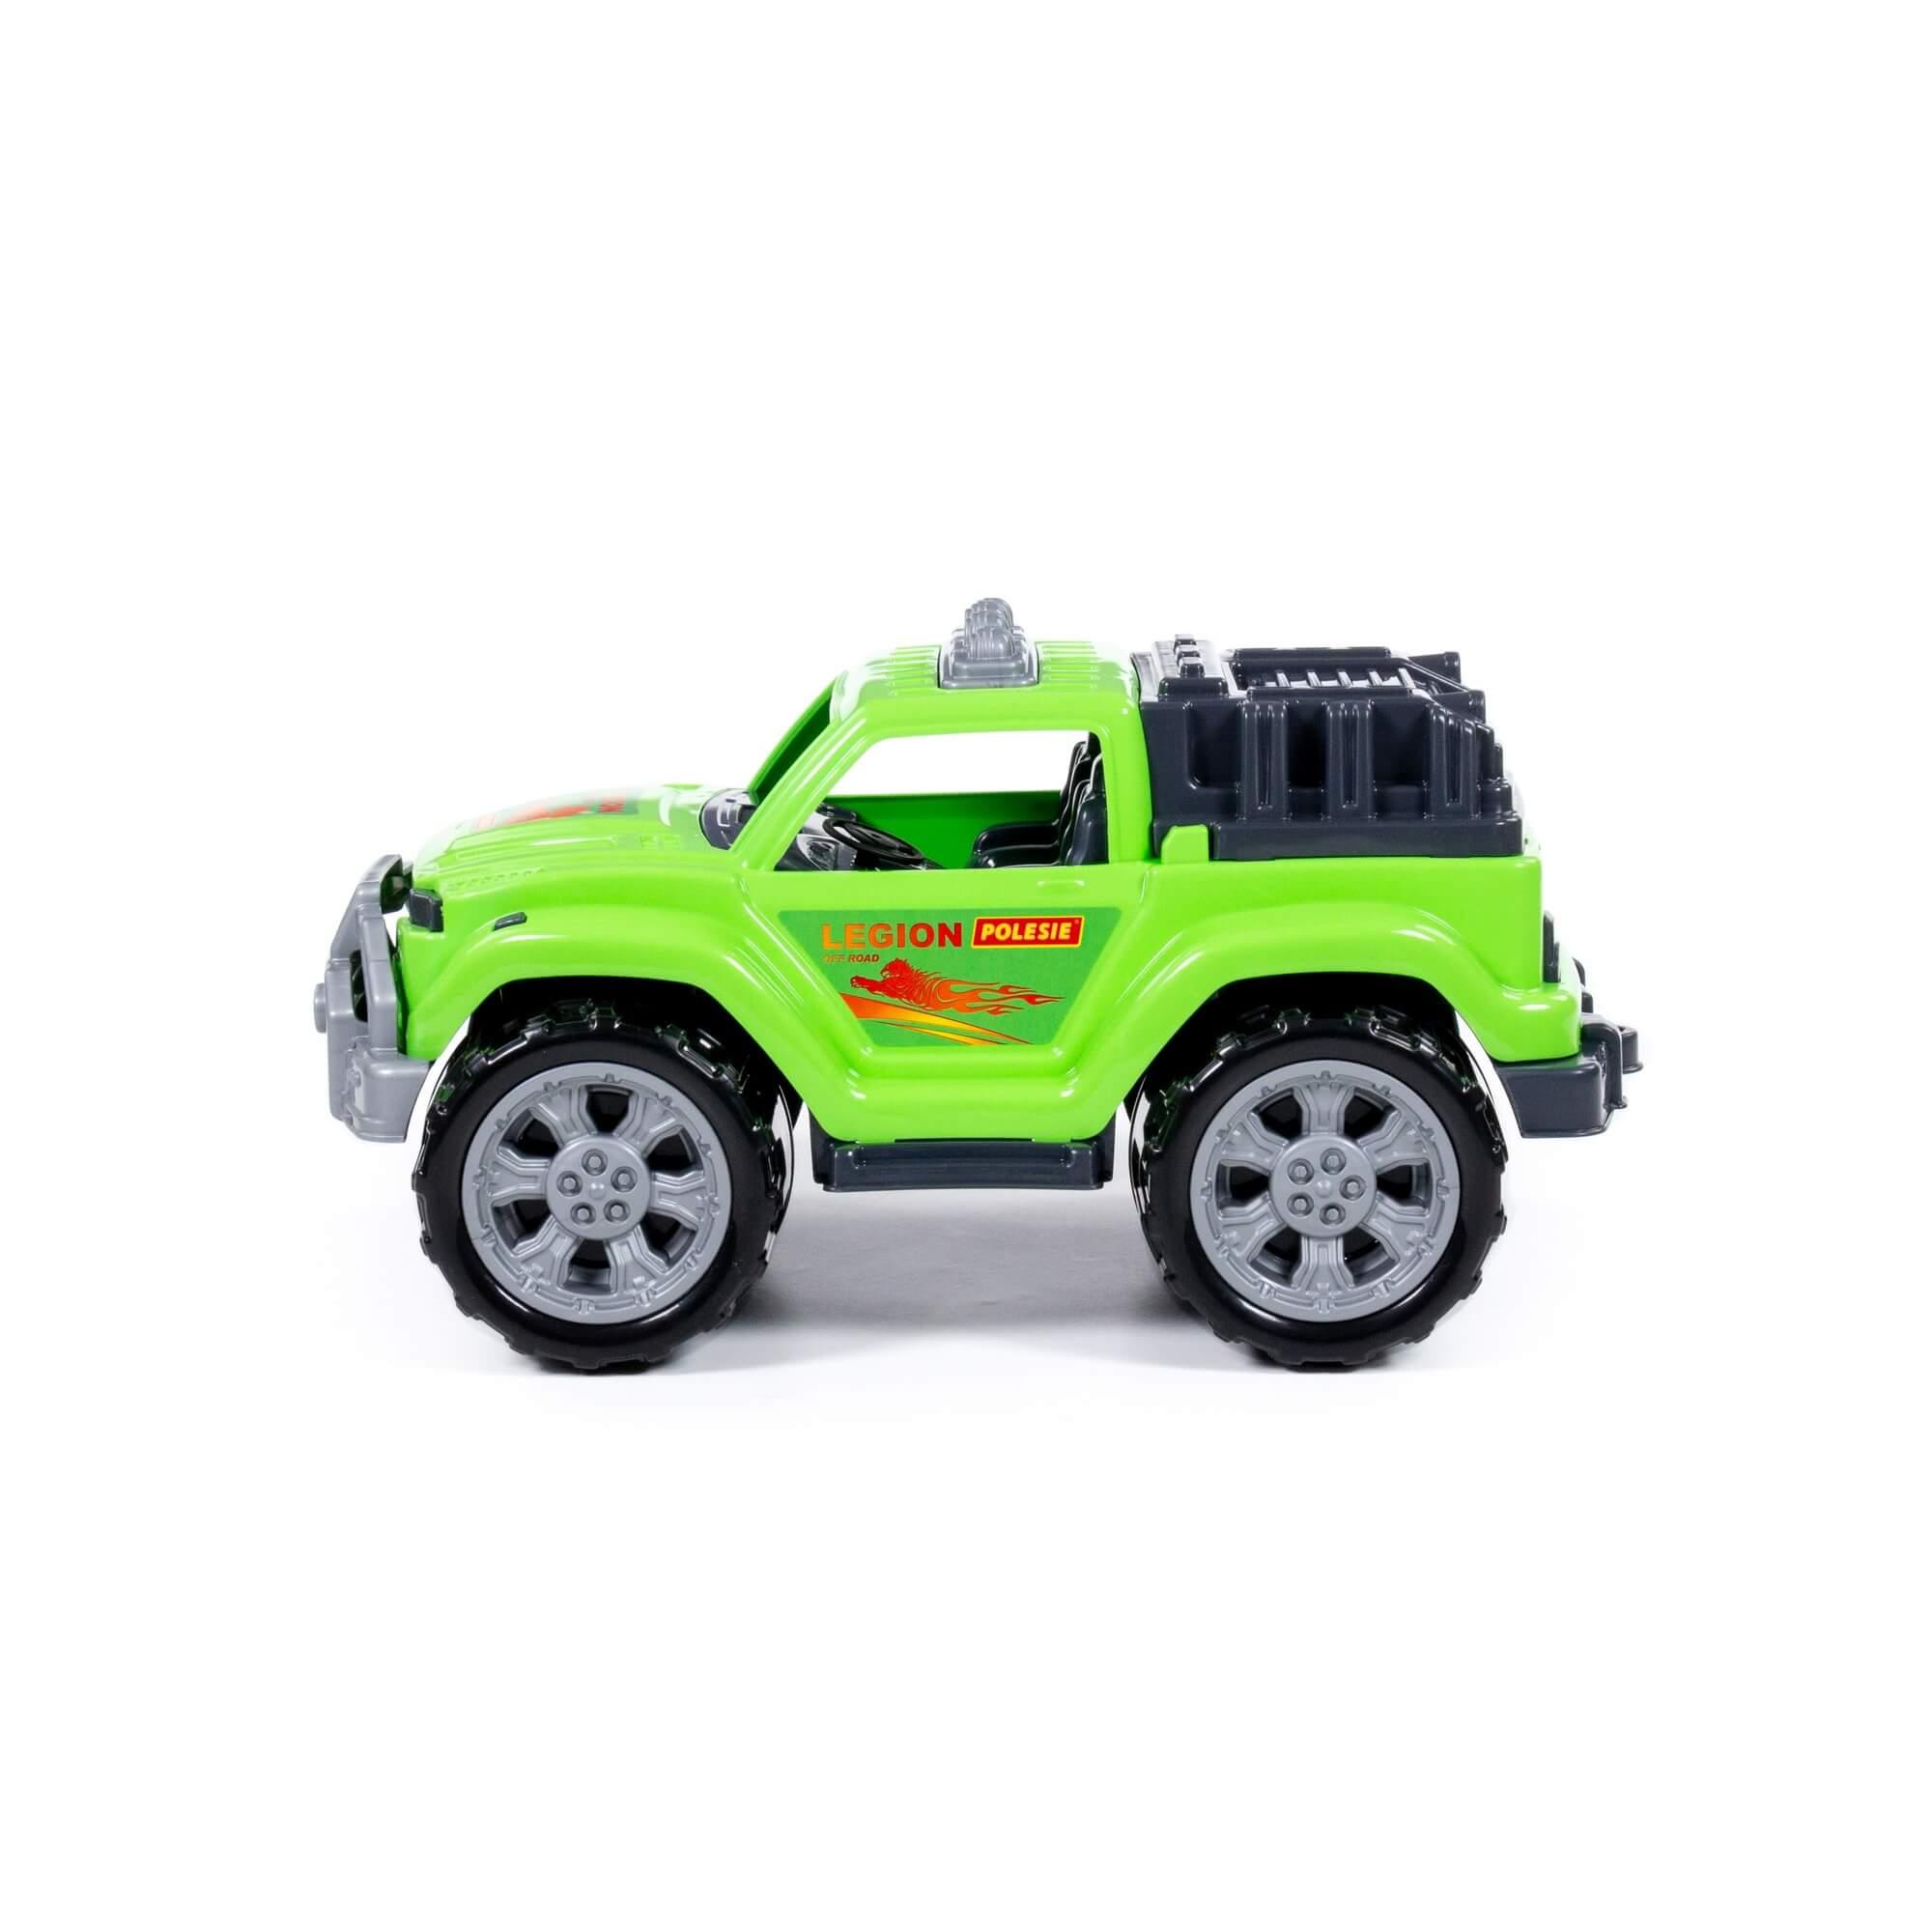 Lejyon, otomobil No:4 (yeşil) (filede) Ref. 89076 - photo #2